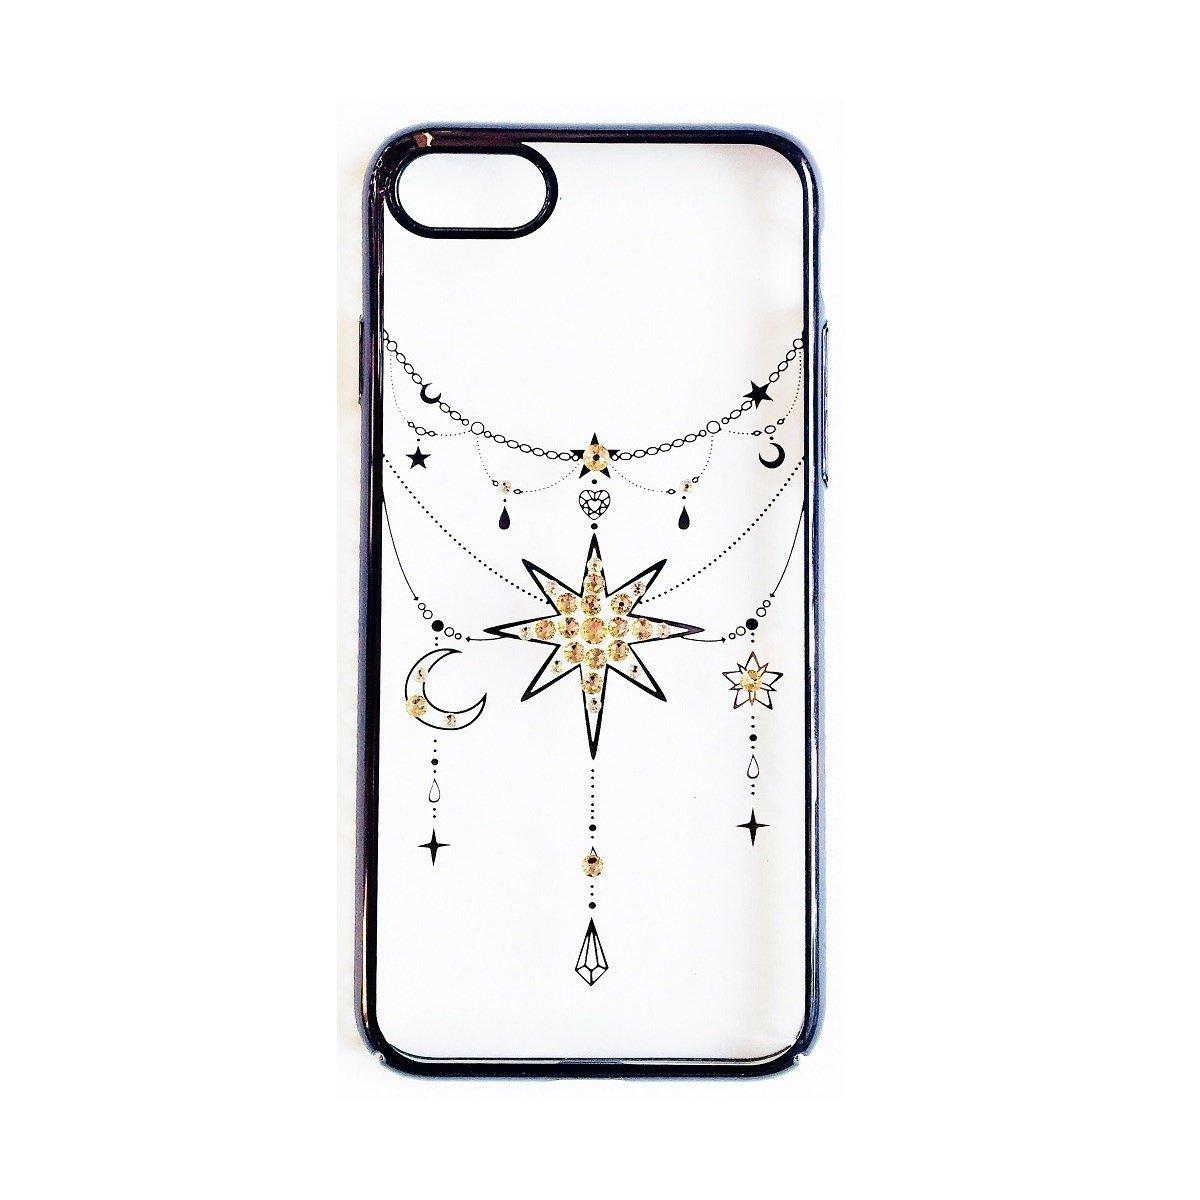 Ốp lưng iPhone 8 / iPhone 7 Tuxedo Crystal đính đá Swarovski in hình Ngôi sao đen